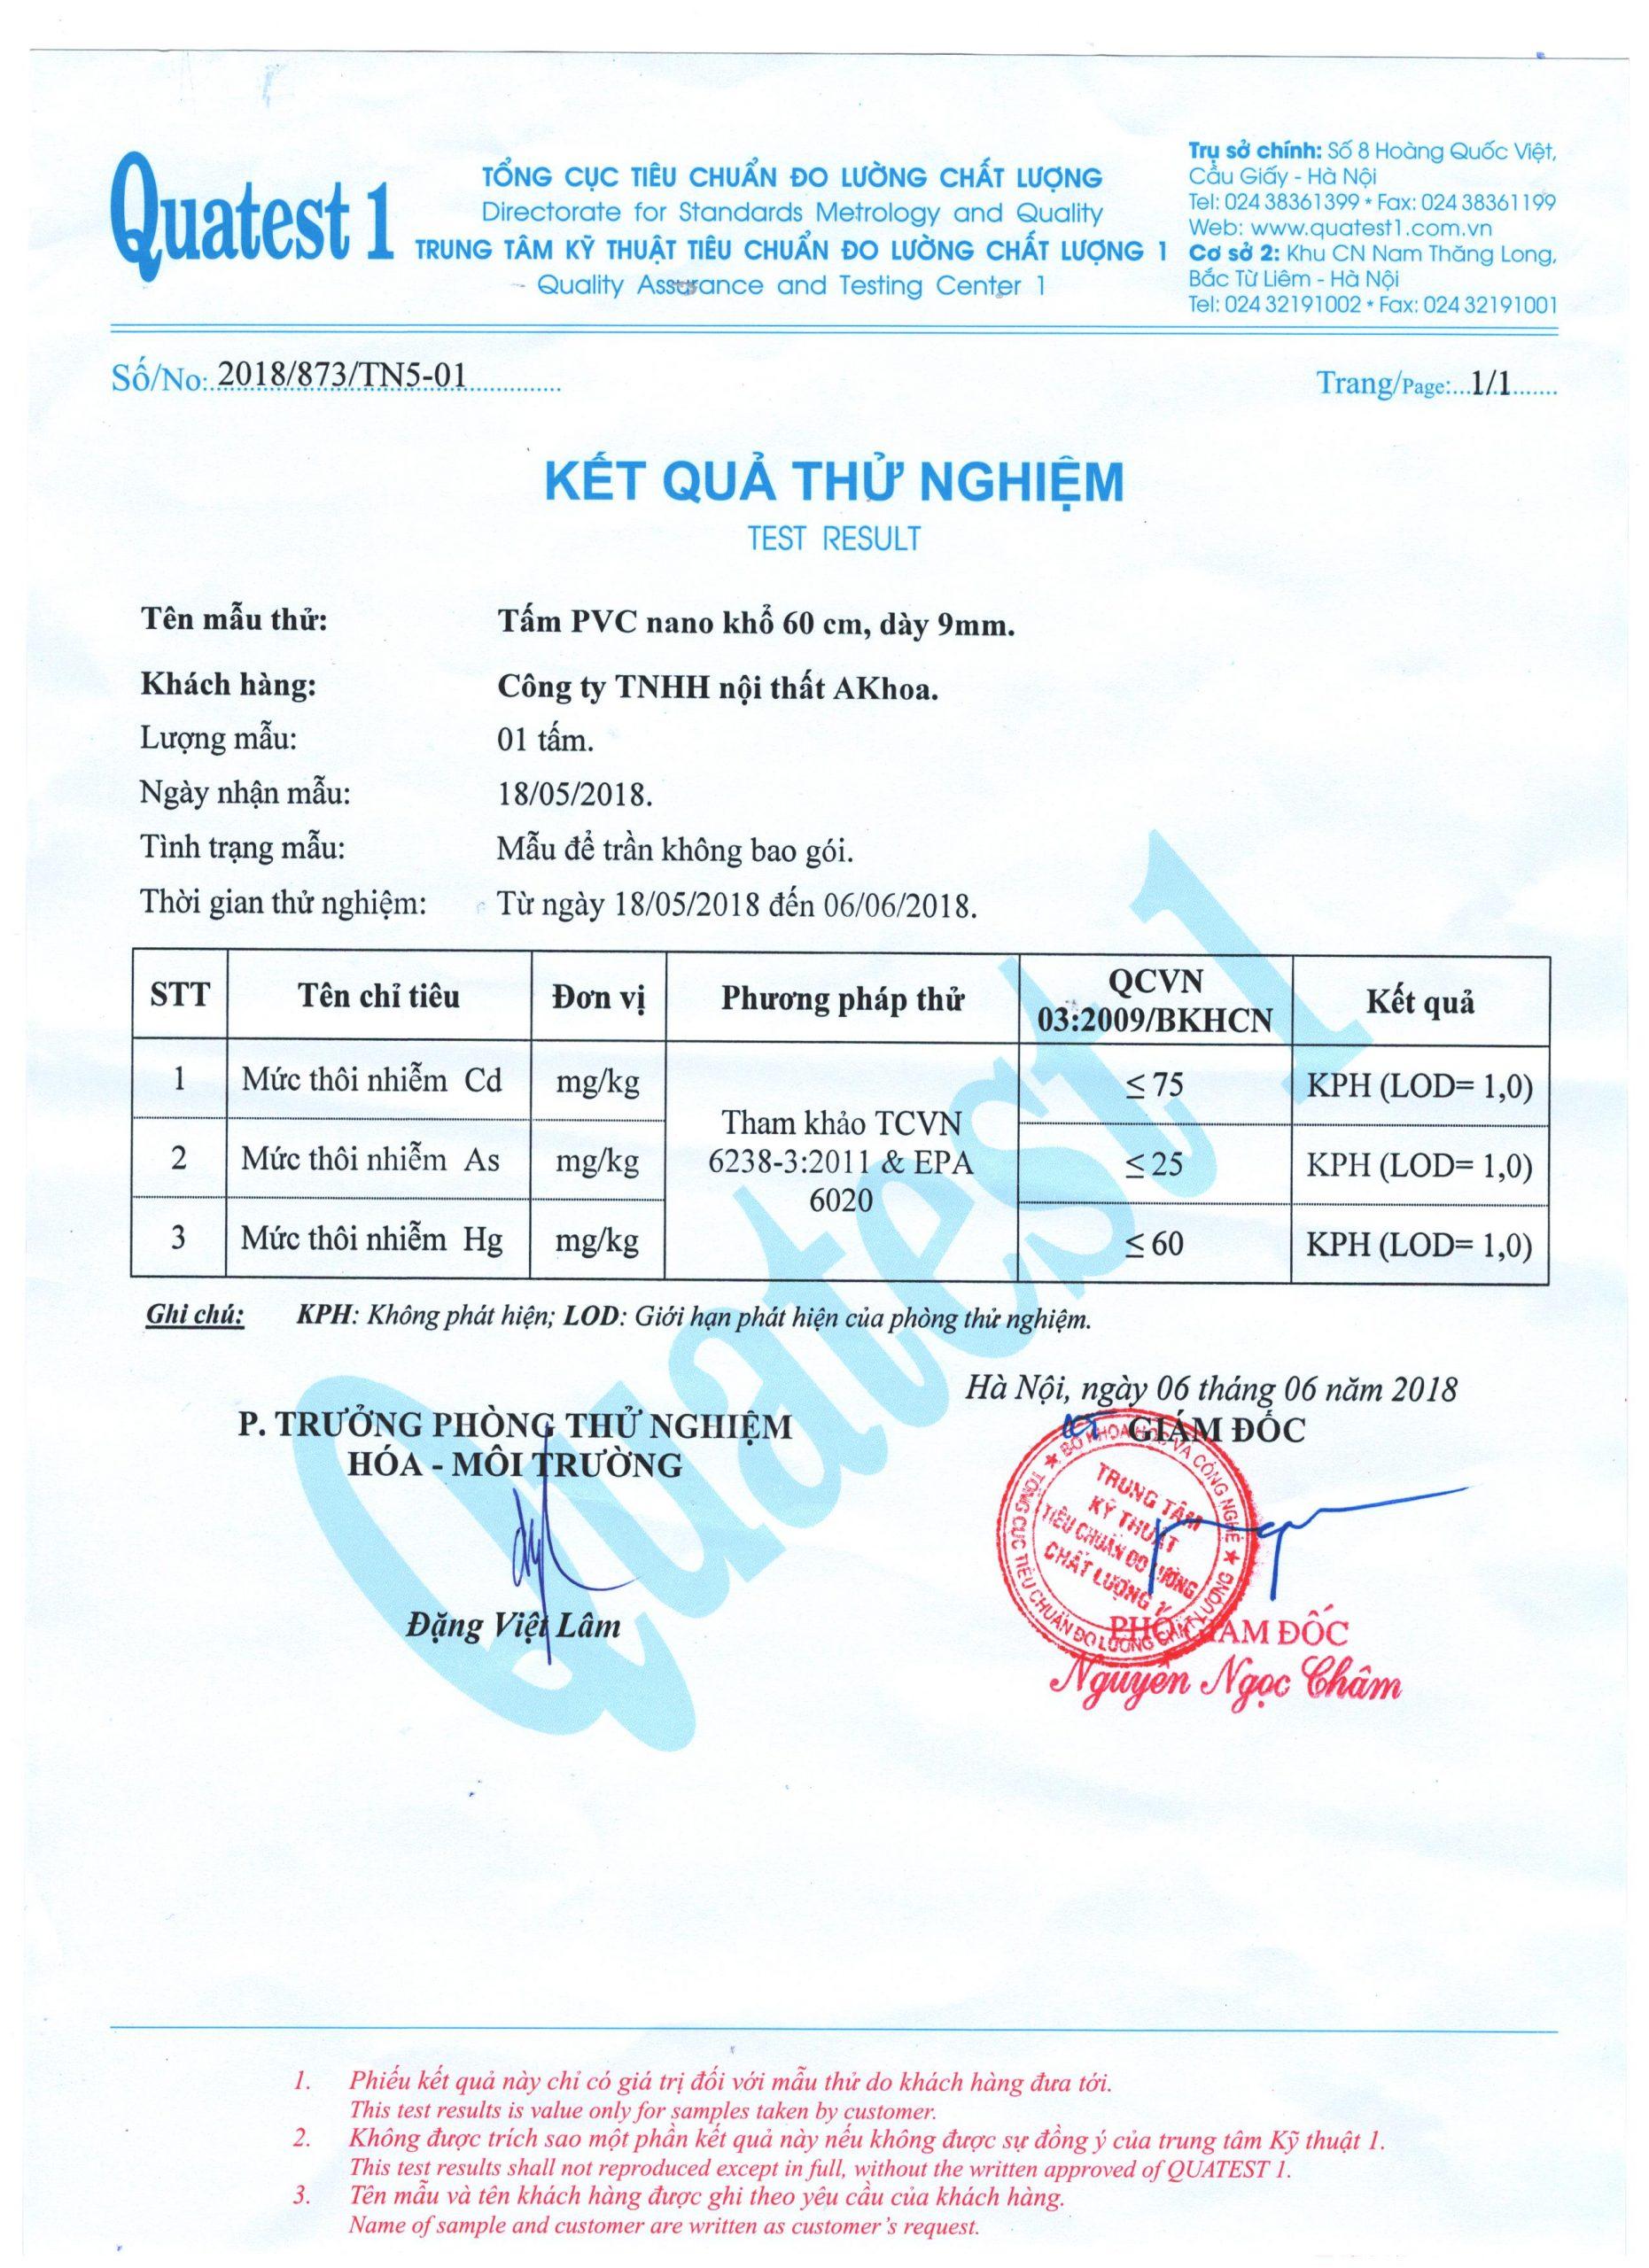 Giấy chứng nhận kiểm chứng chất lượng tấm ốp tường NaNo giúp quý khách tin tưởng